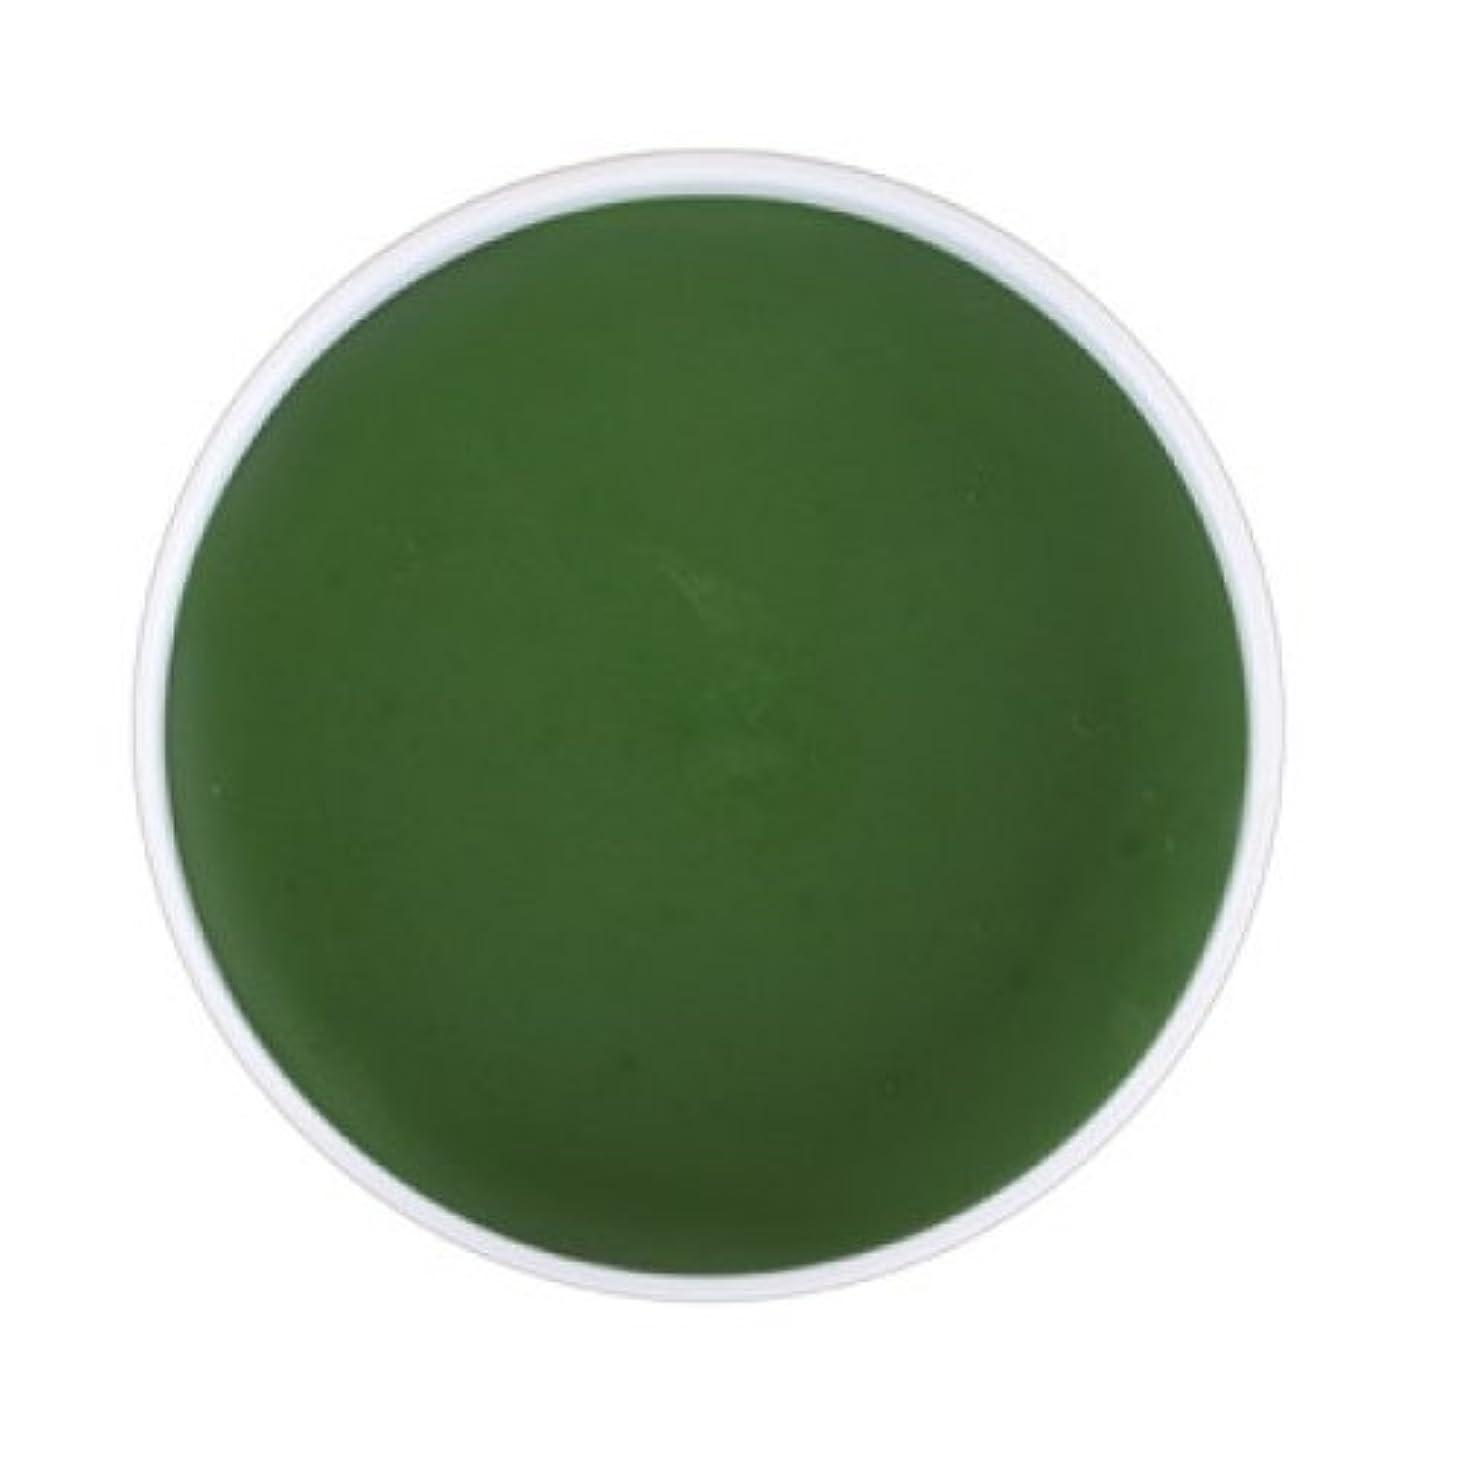 成長する明示的に路地(3 Pack) mehron Color Cups Face and Body Paint - Green (並行輸入品)